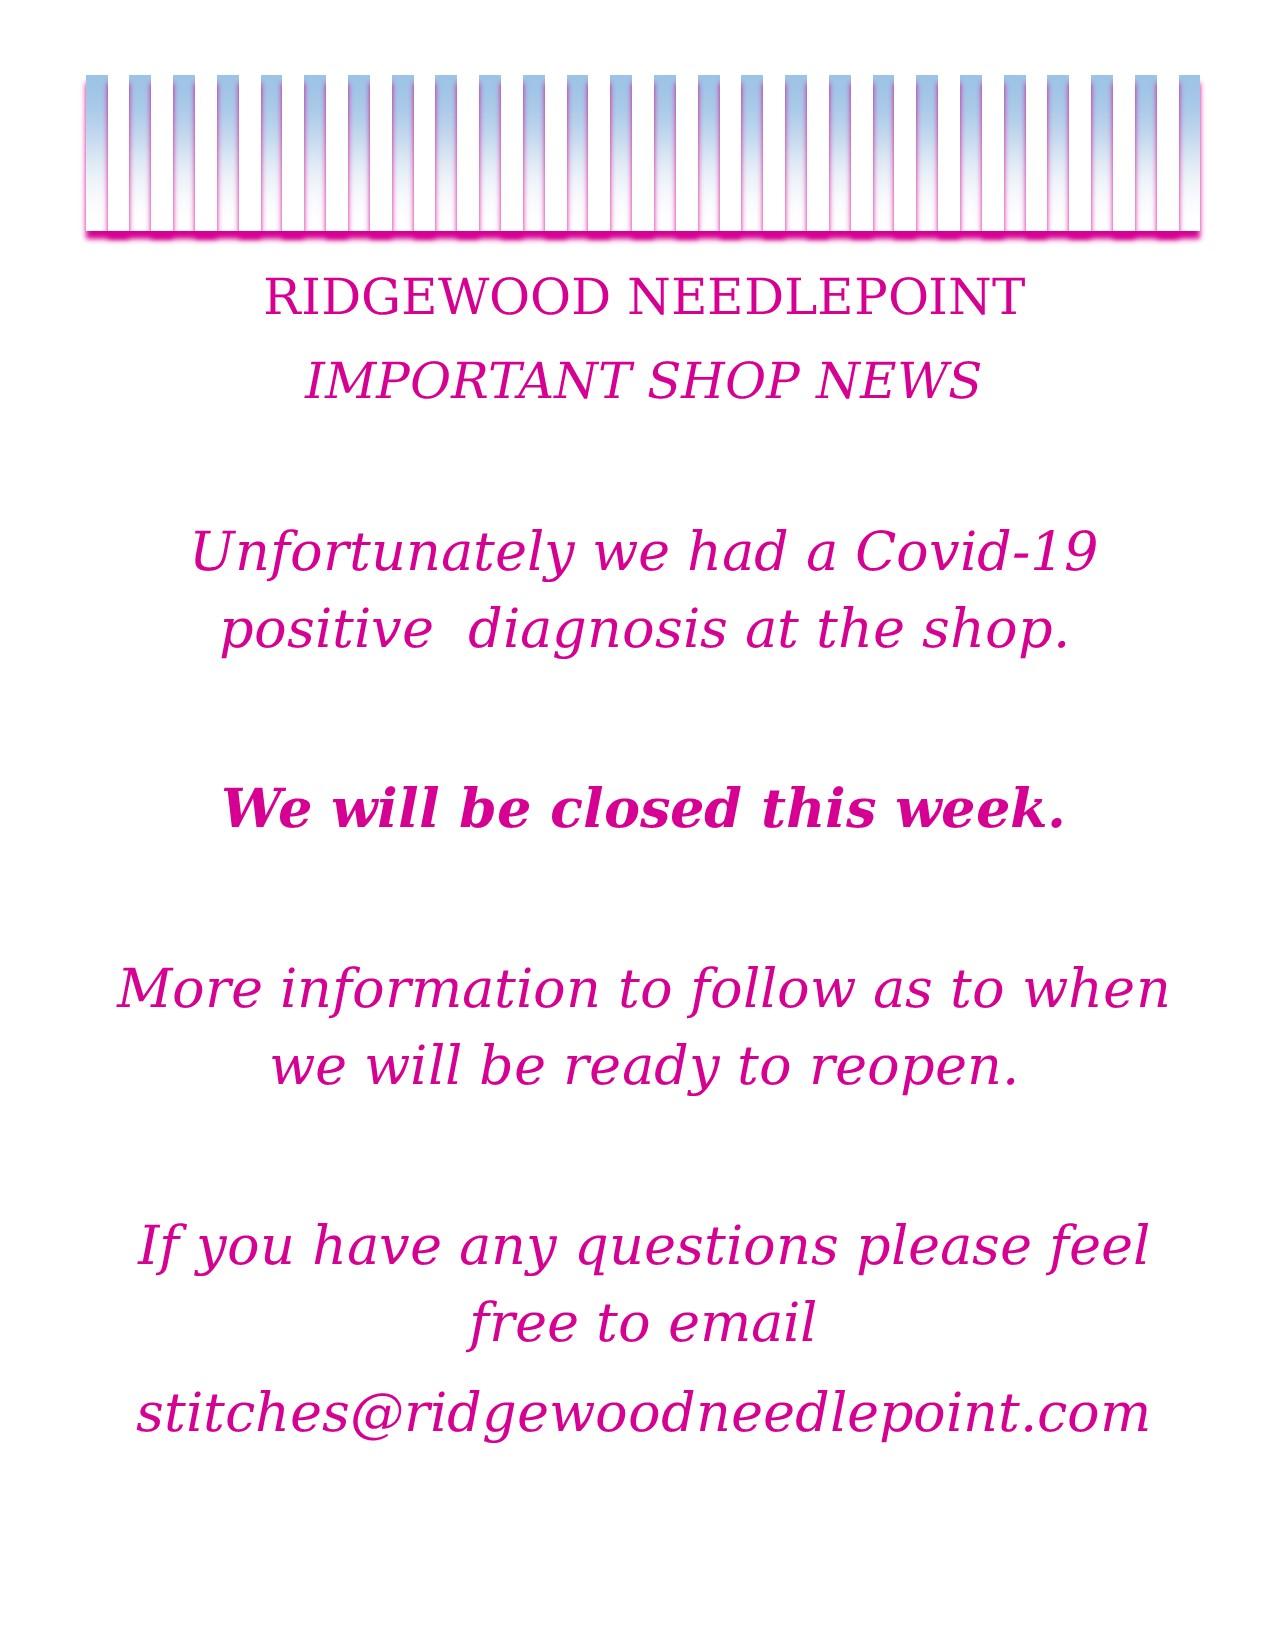 Important Shop News 8-31-21